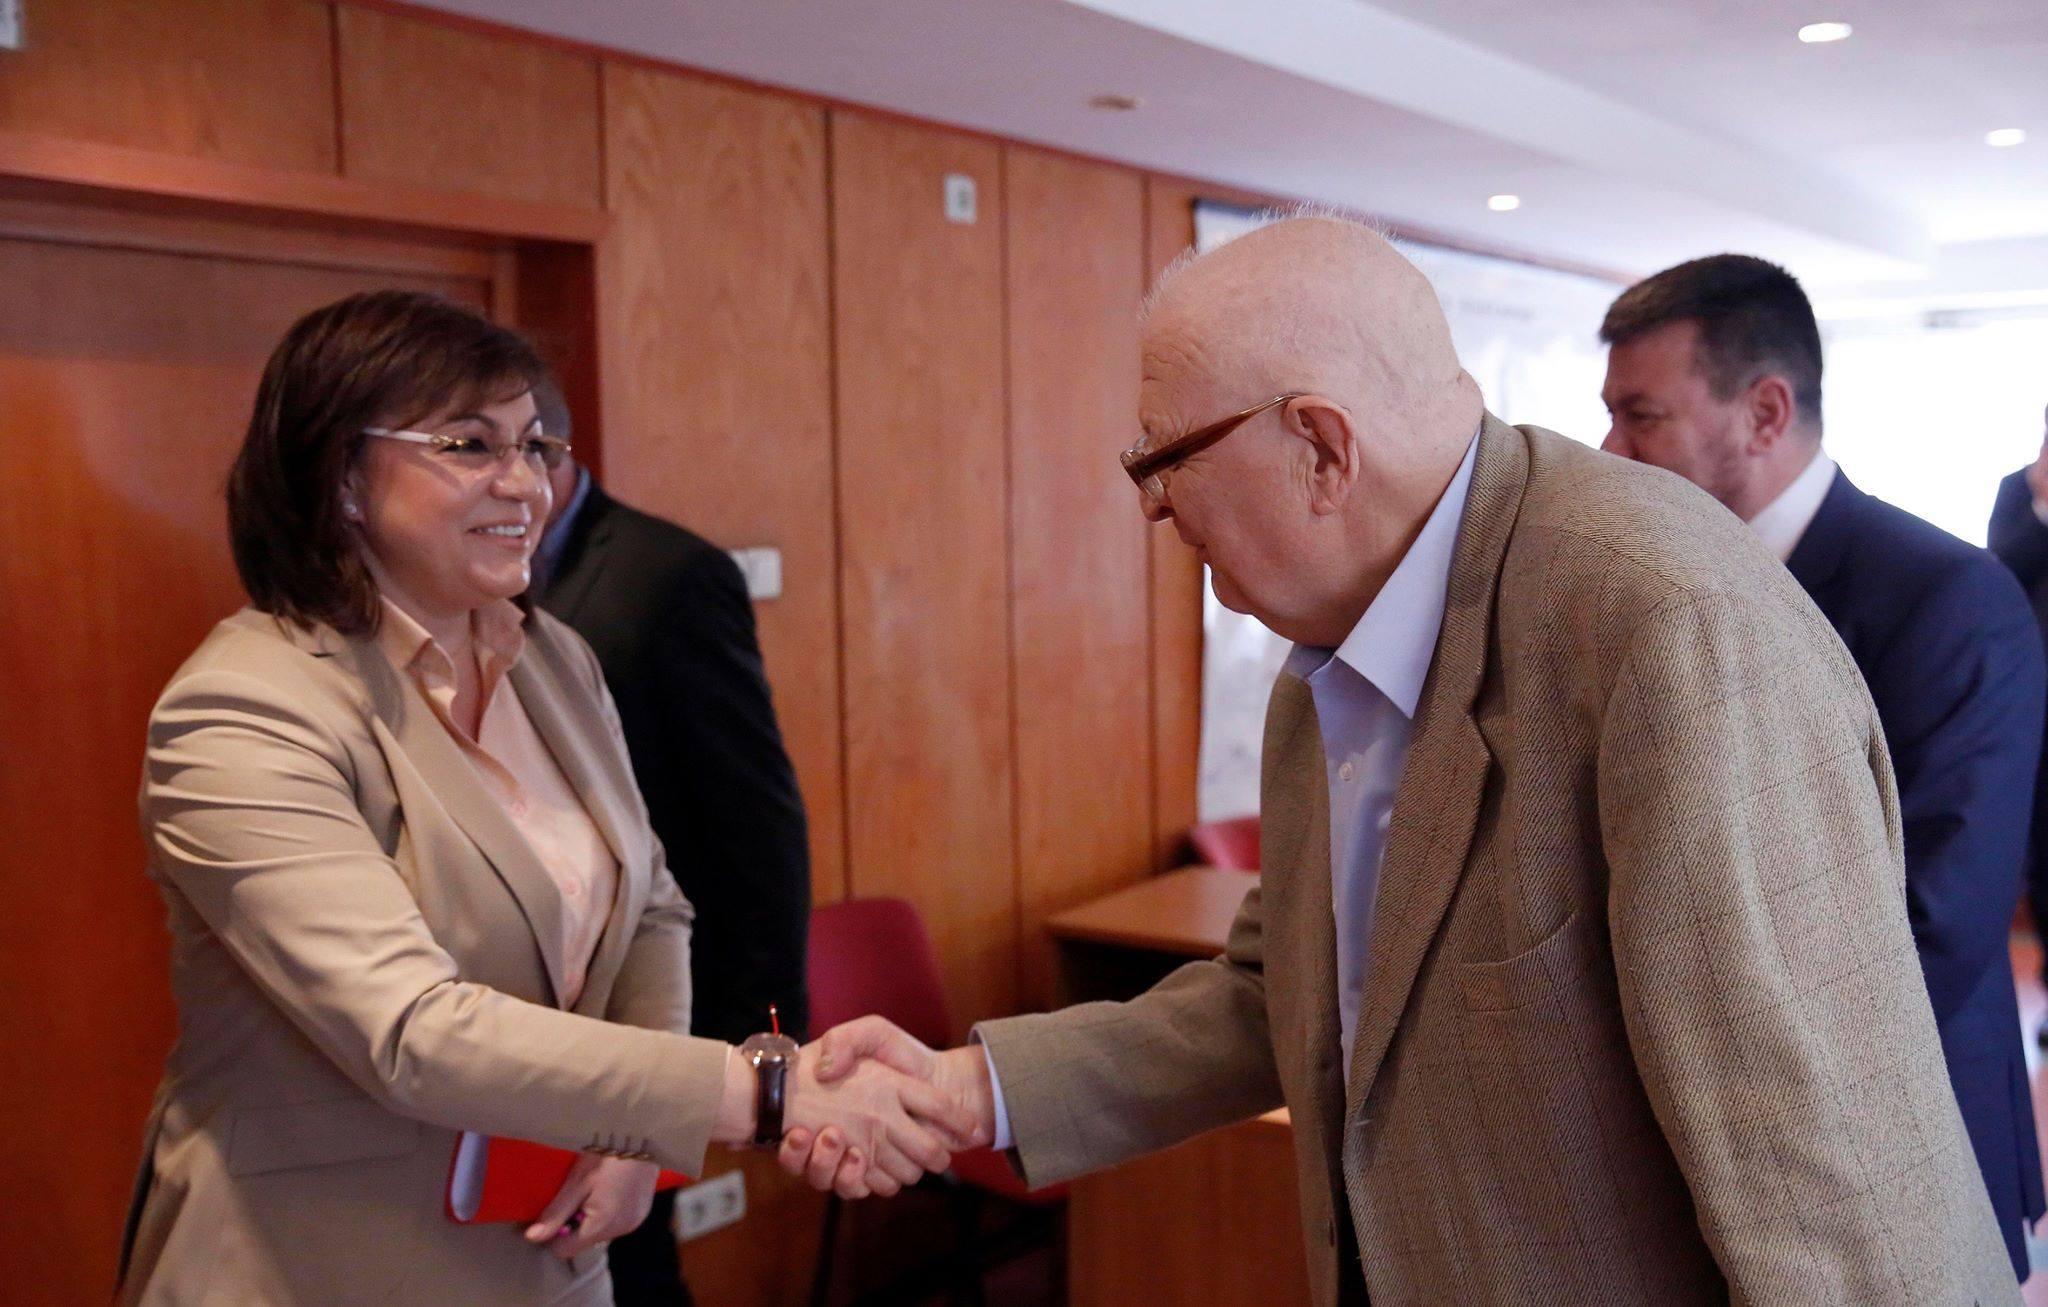 Корнелия Нинова продължава със срещите за честни избори